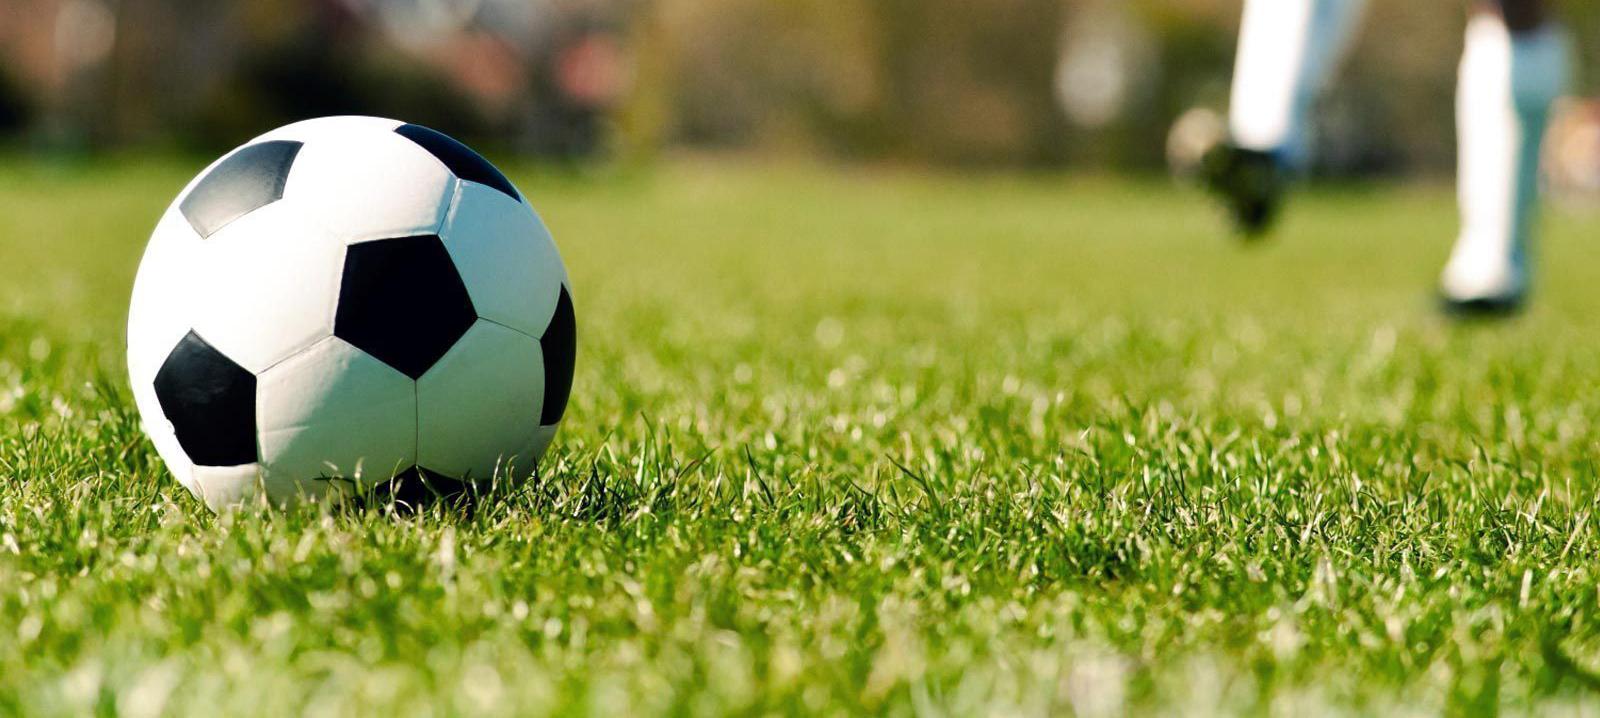 Che cos'è la sponsorizzazione sportiva e a cosa serve